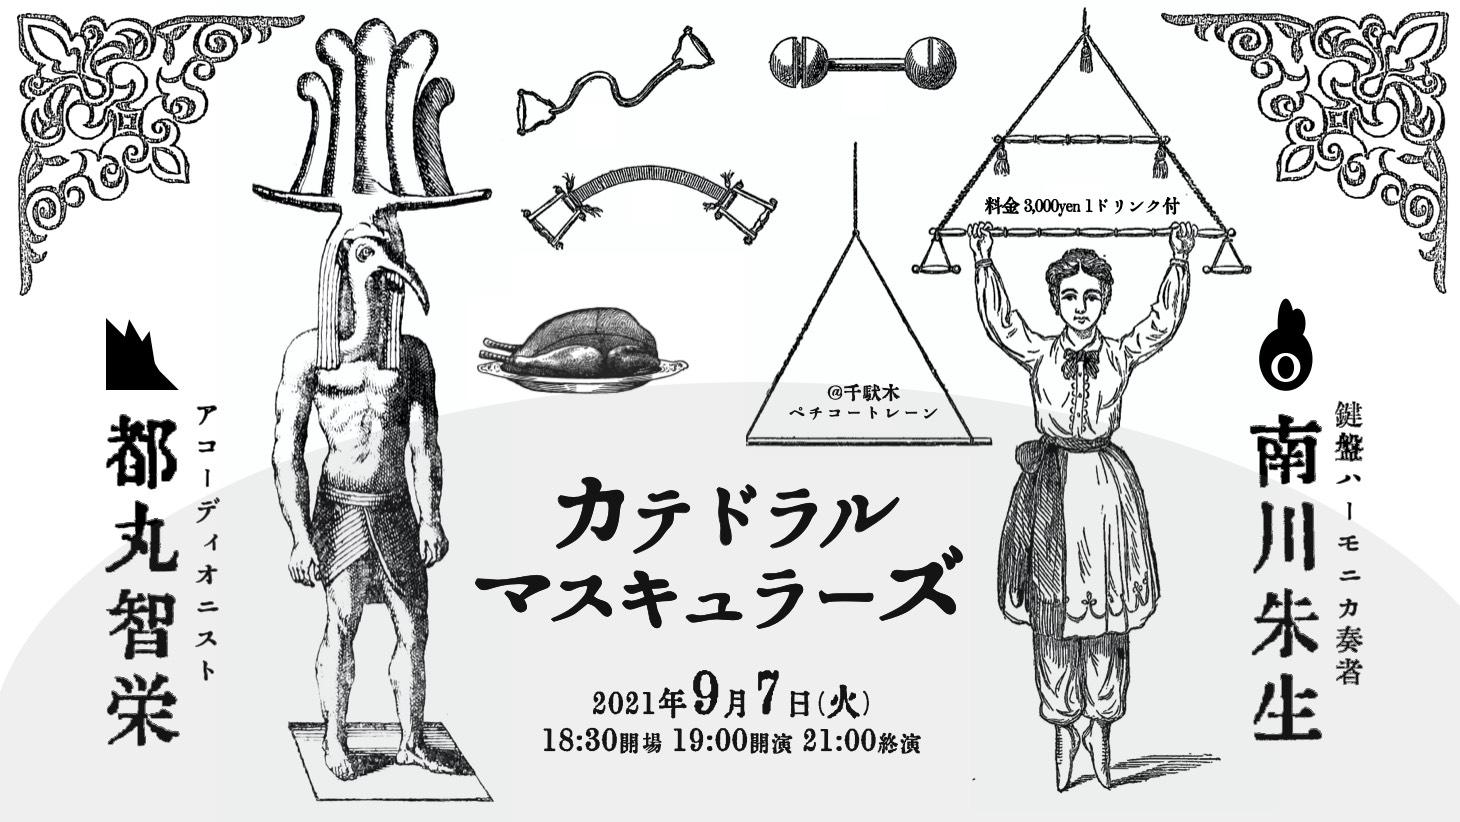 「《延期》9/7(火)【カテドラルマスキュラーズ】〜日本筋肉化計画〜」のアイキャッチ画像